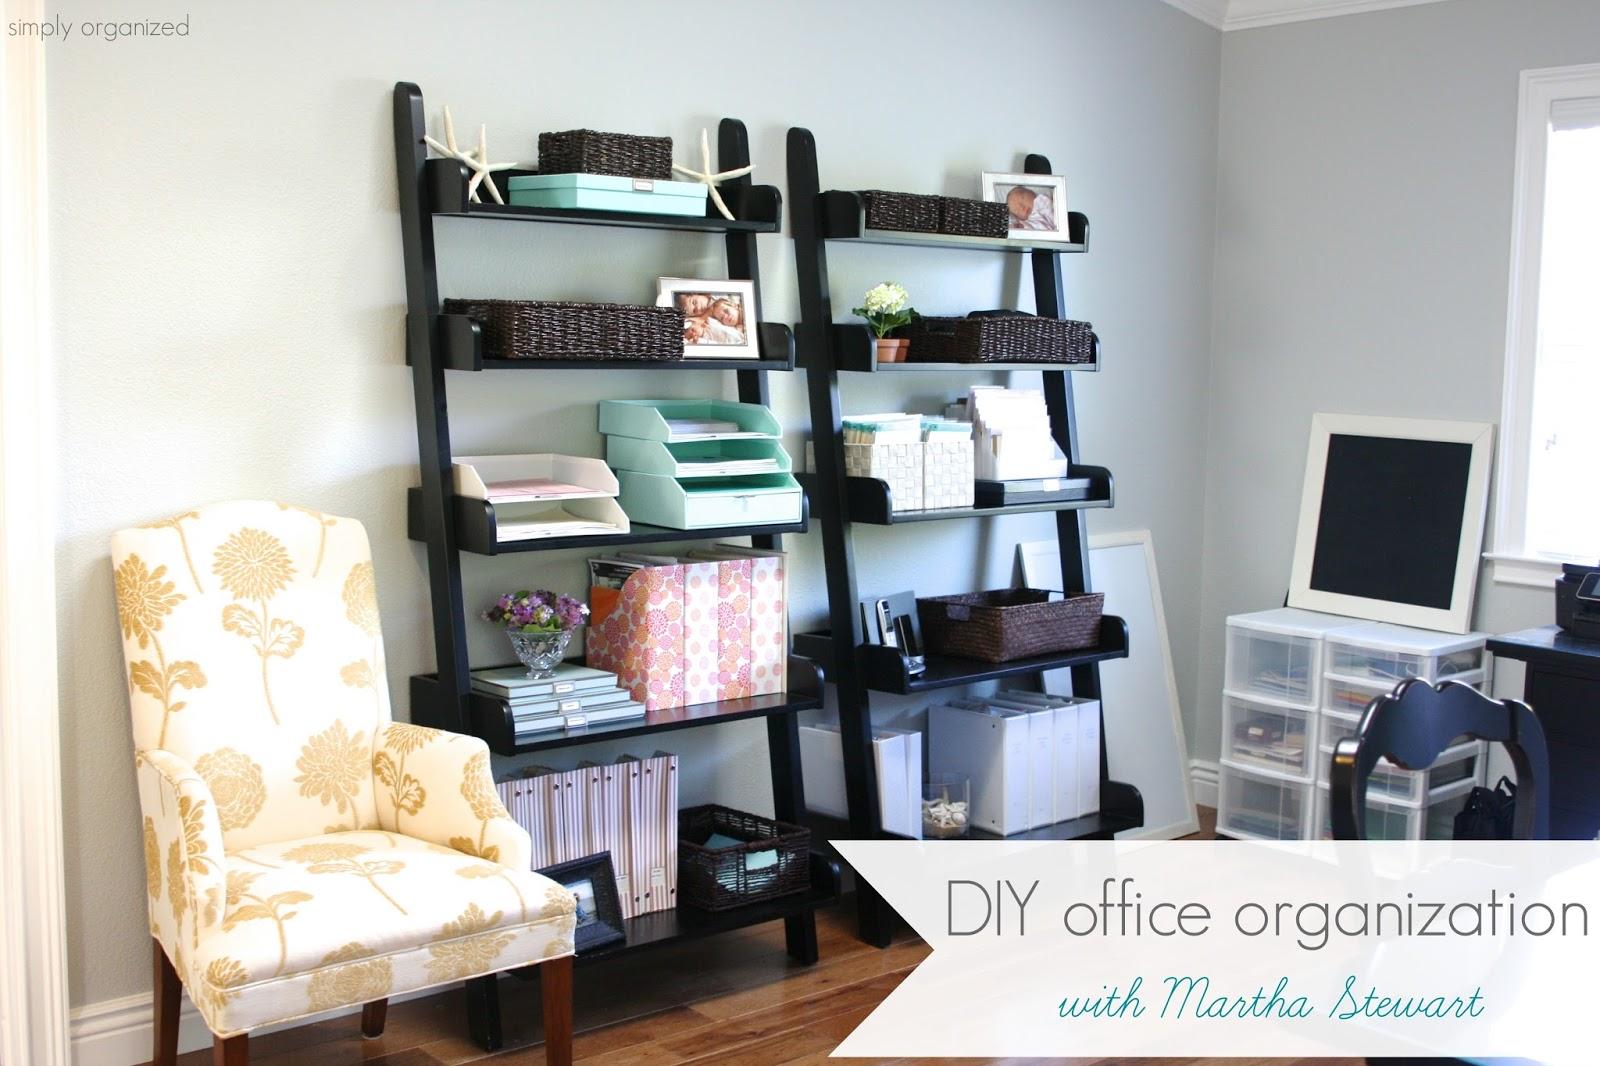 simply organized: DIY office organization - with Martha ...